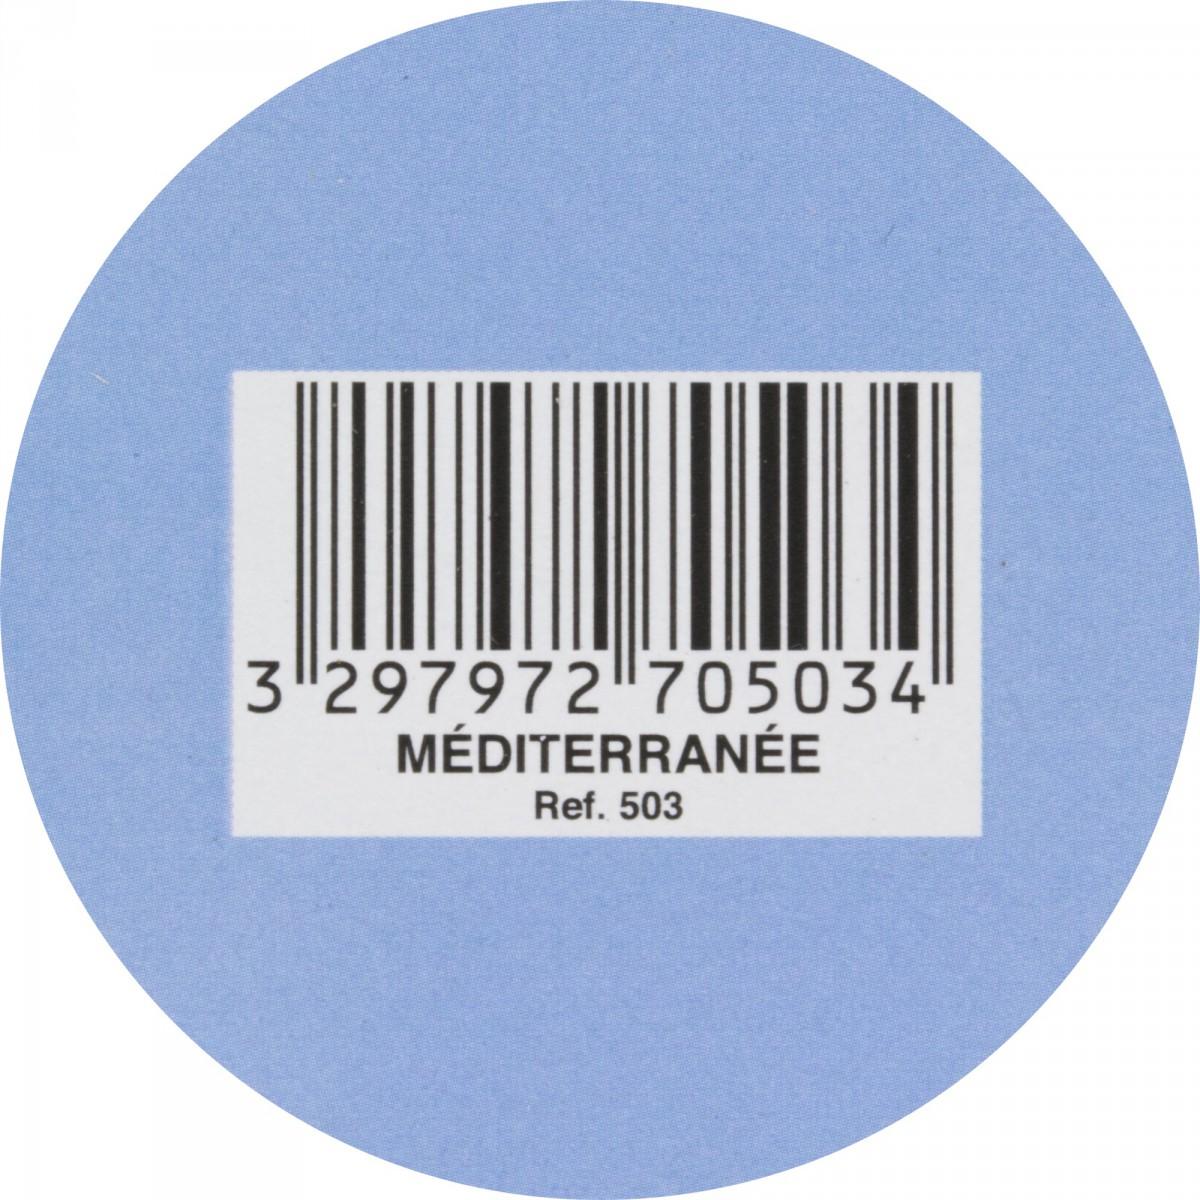 Laque de finition opaque mate décorative Owatrol - Méditerranée - 2,5 l